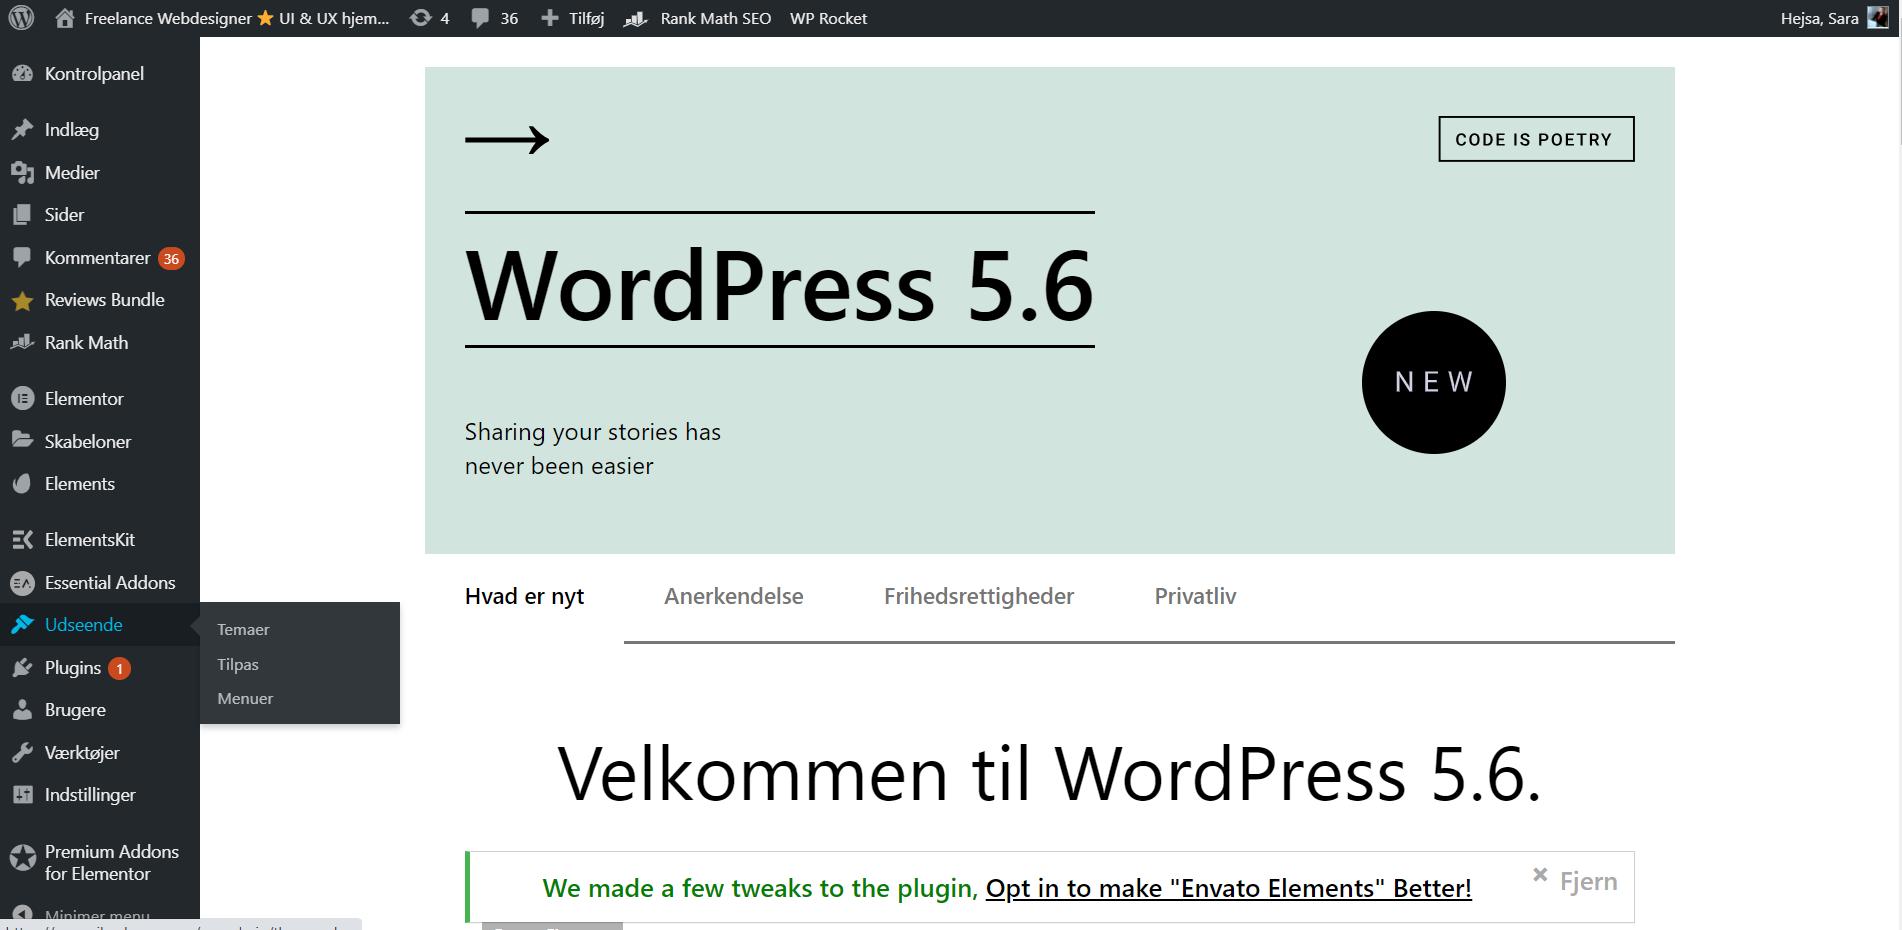 WordPress hjemmeside Guide → Skabe dit eget WordPress webshop